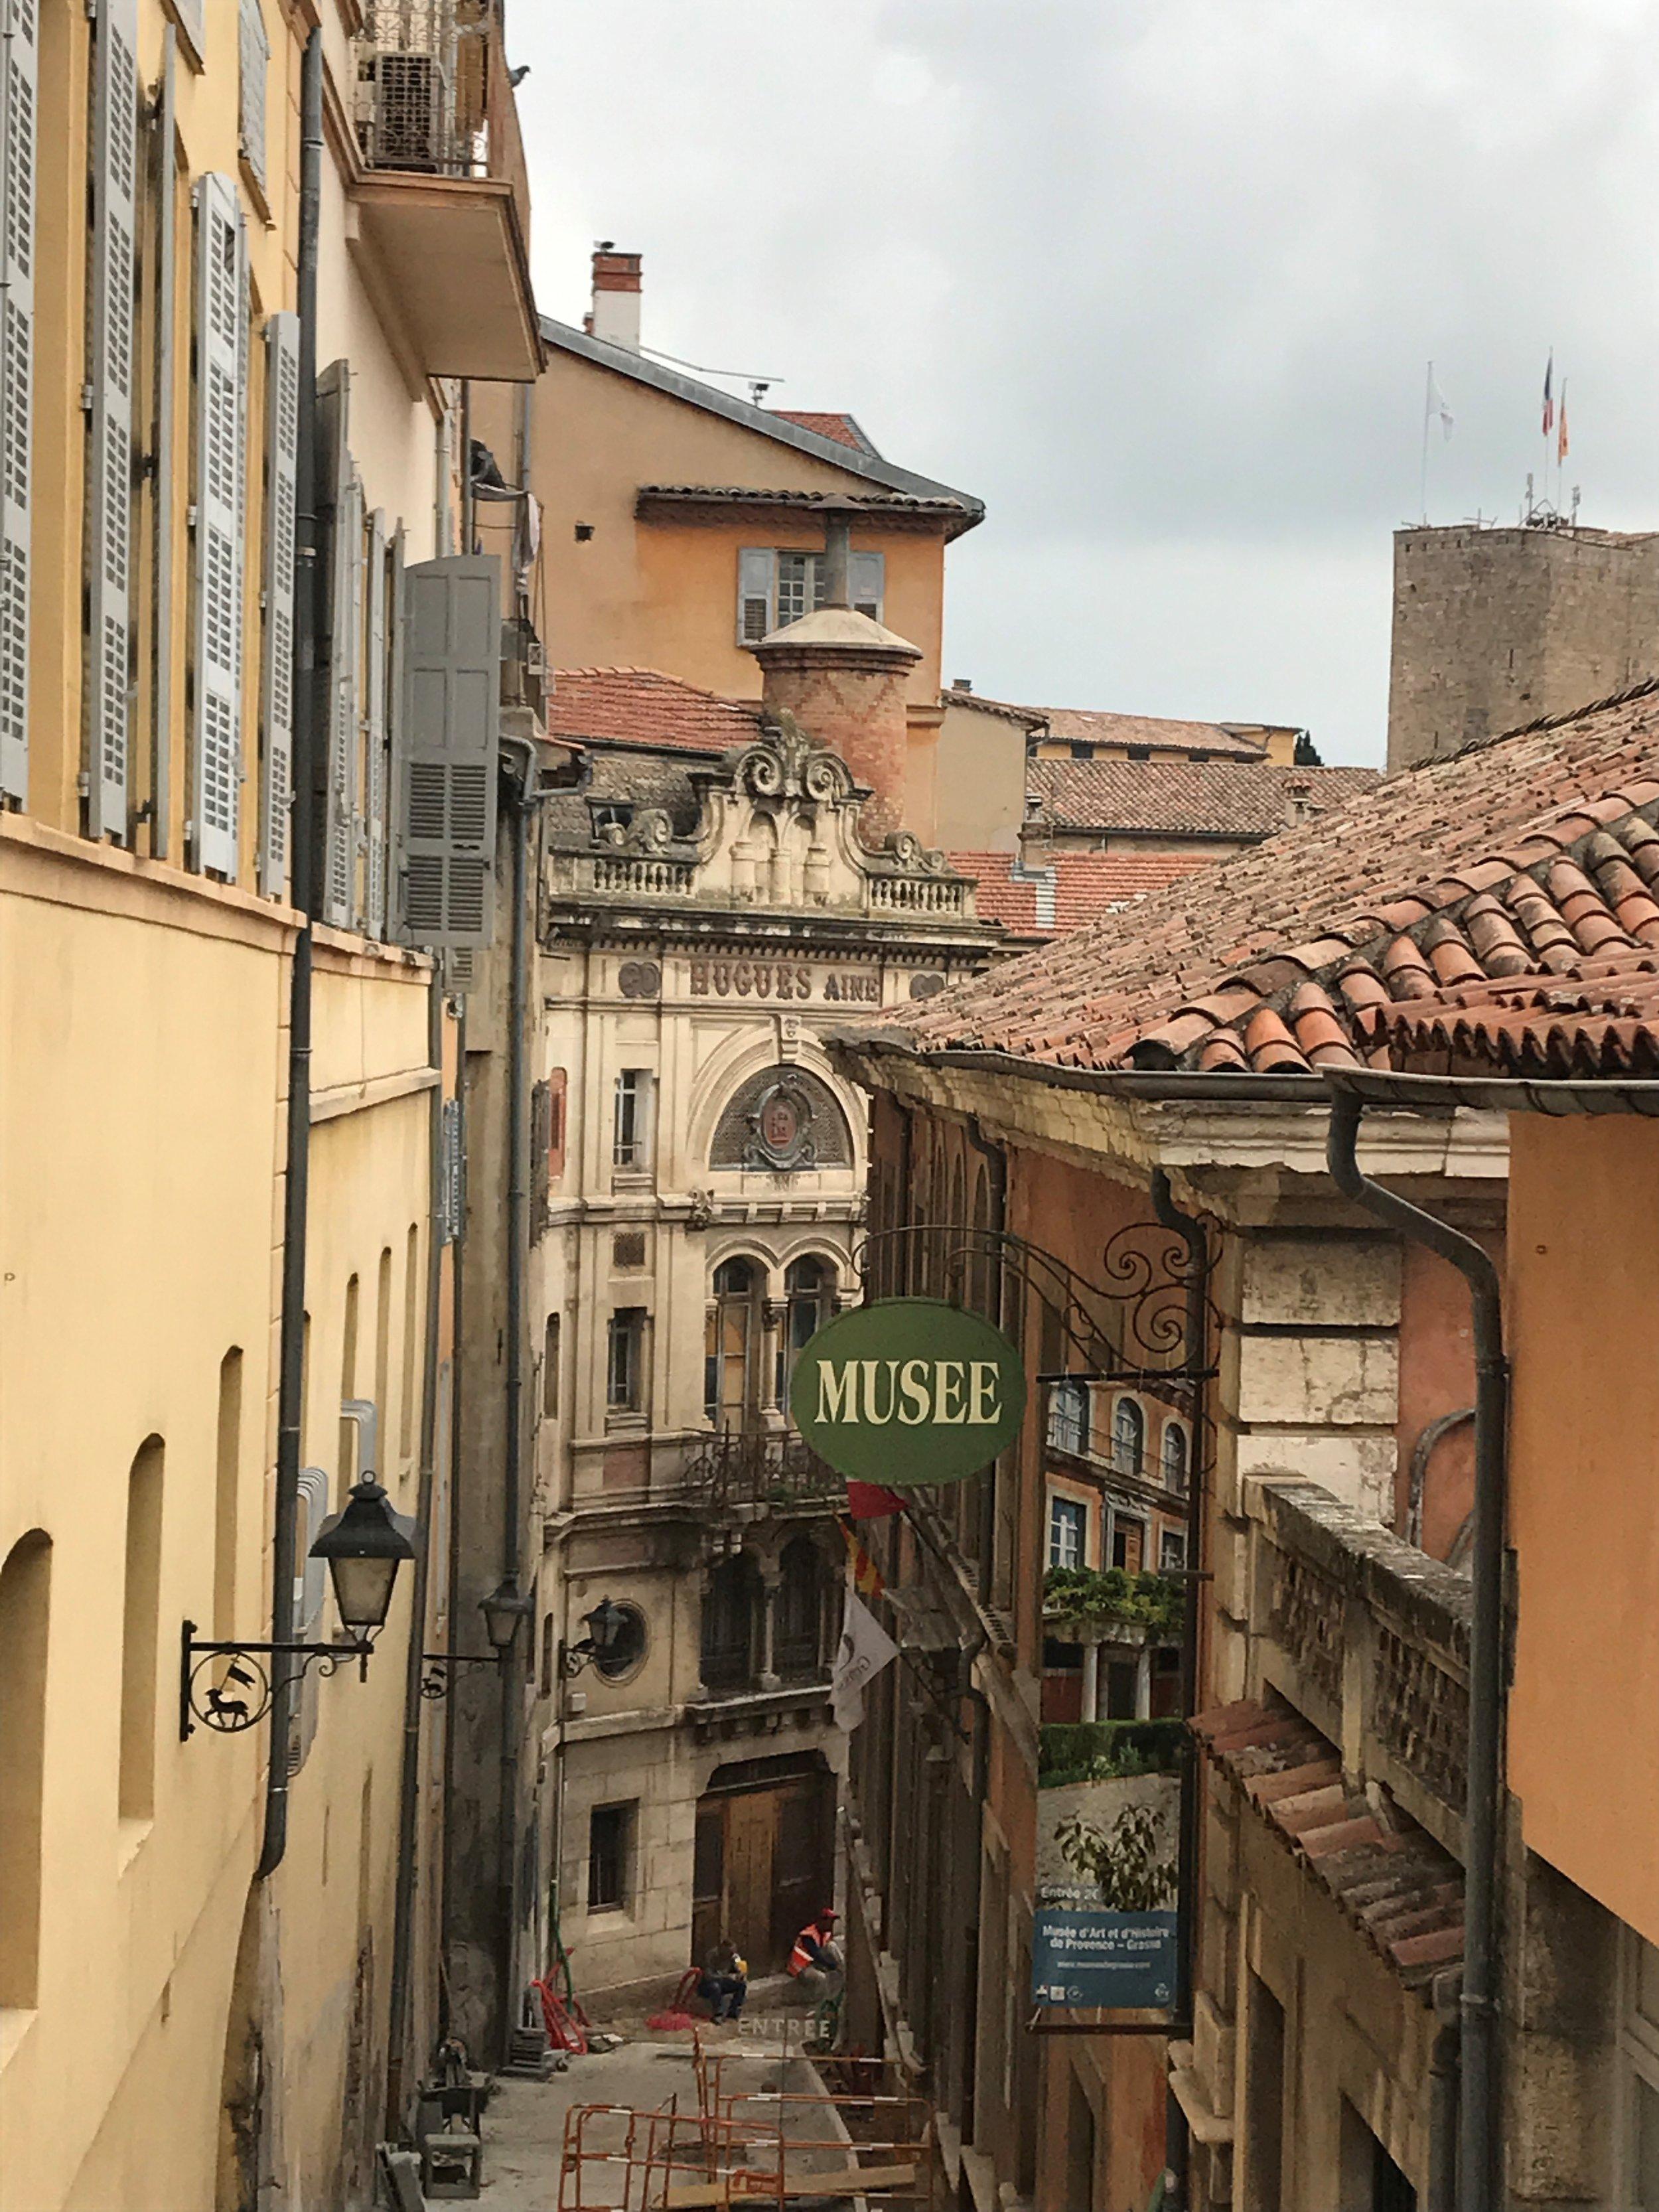 provence-buildings-rooftops-musee-windows.jpg